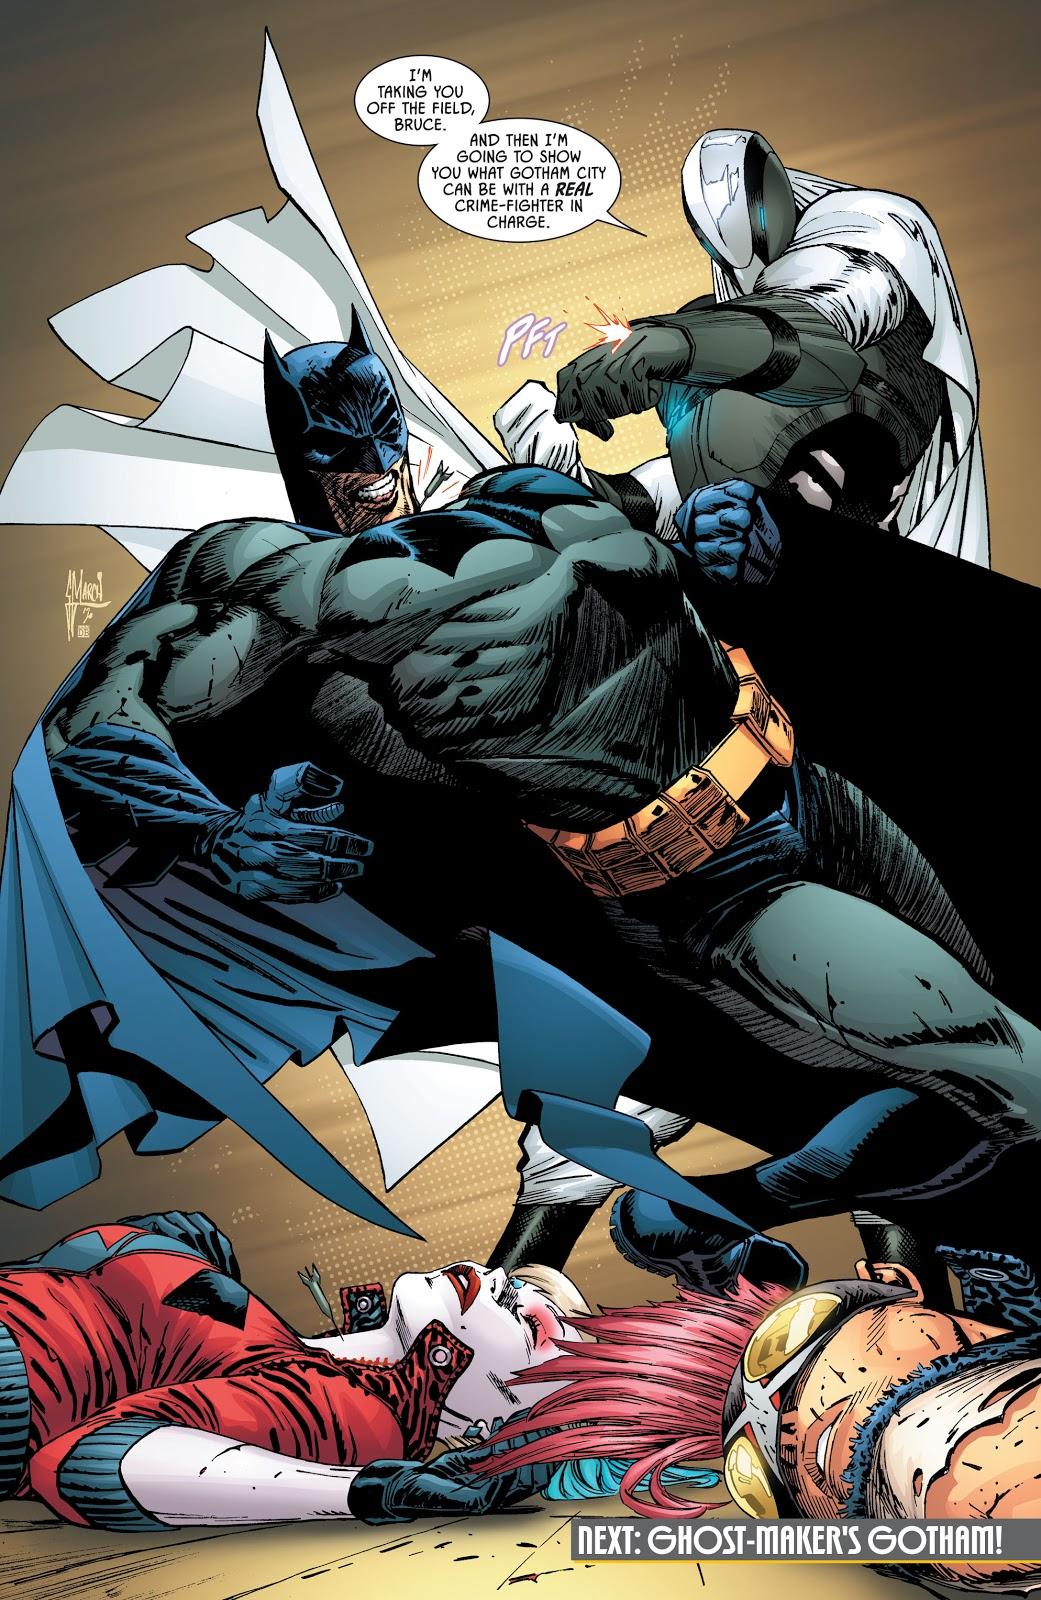 Ghost-Maker (Batman Vol. 3 #103)